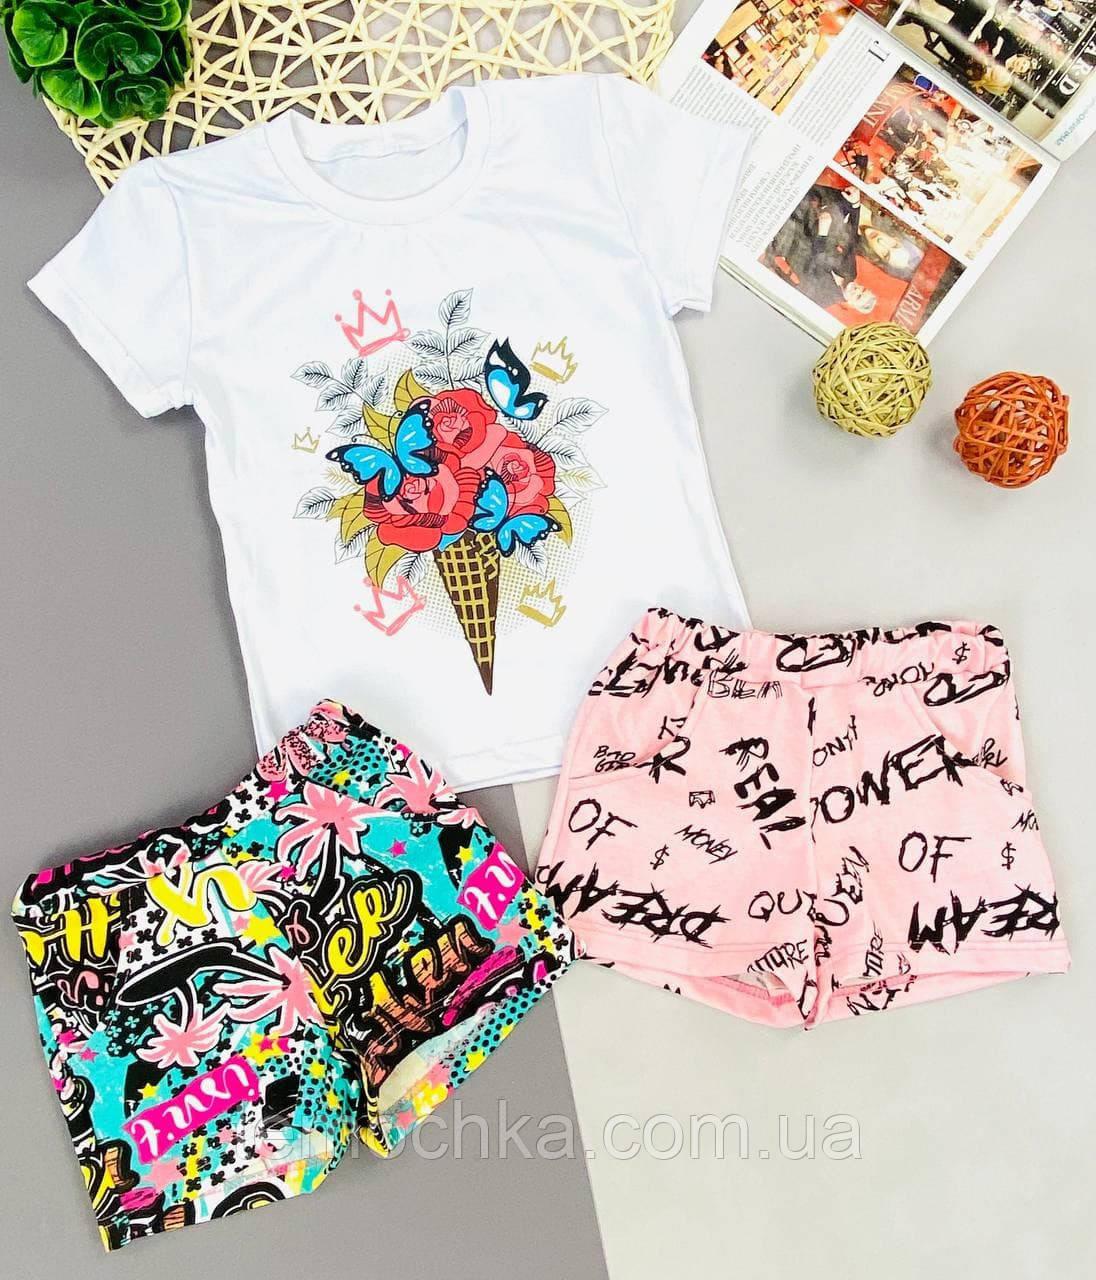 Комплект набор летний футболка и шорты для девочки